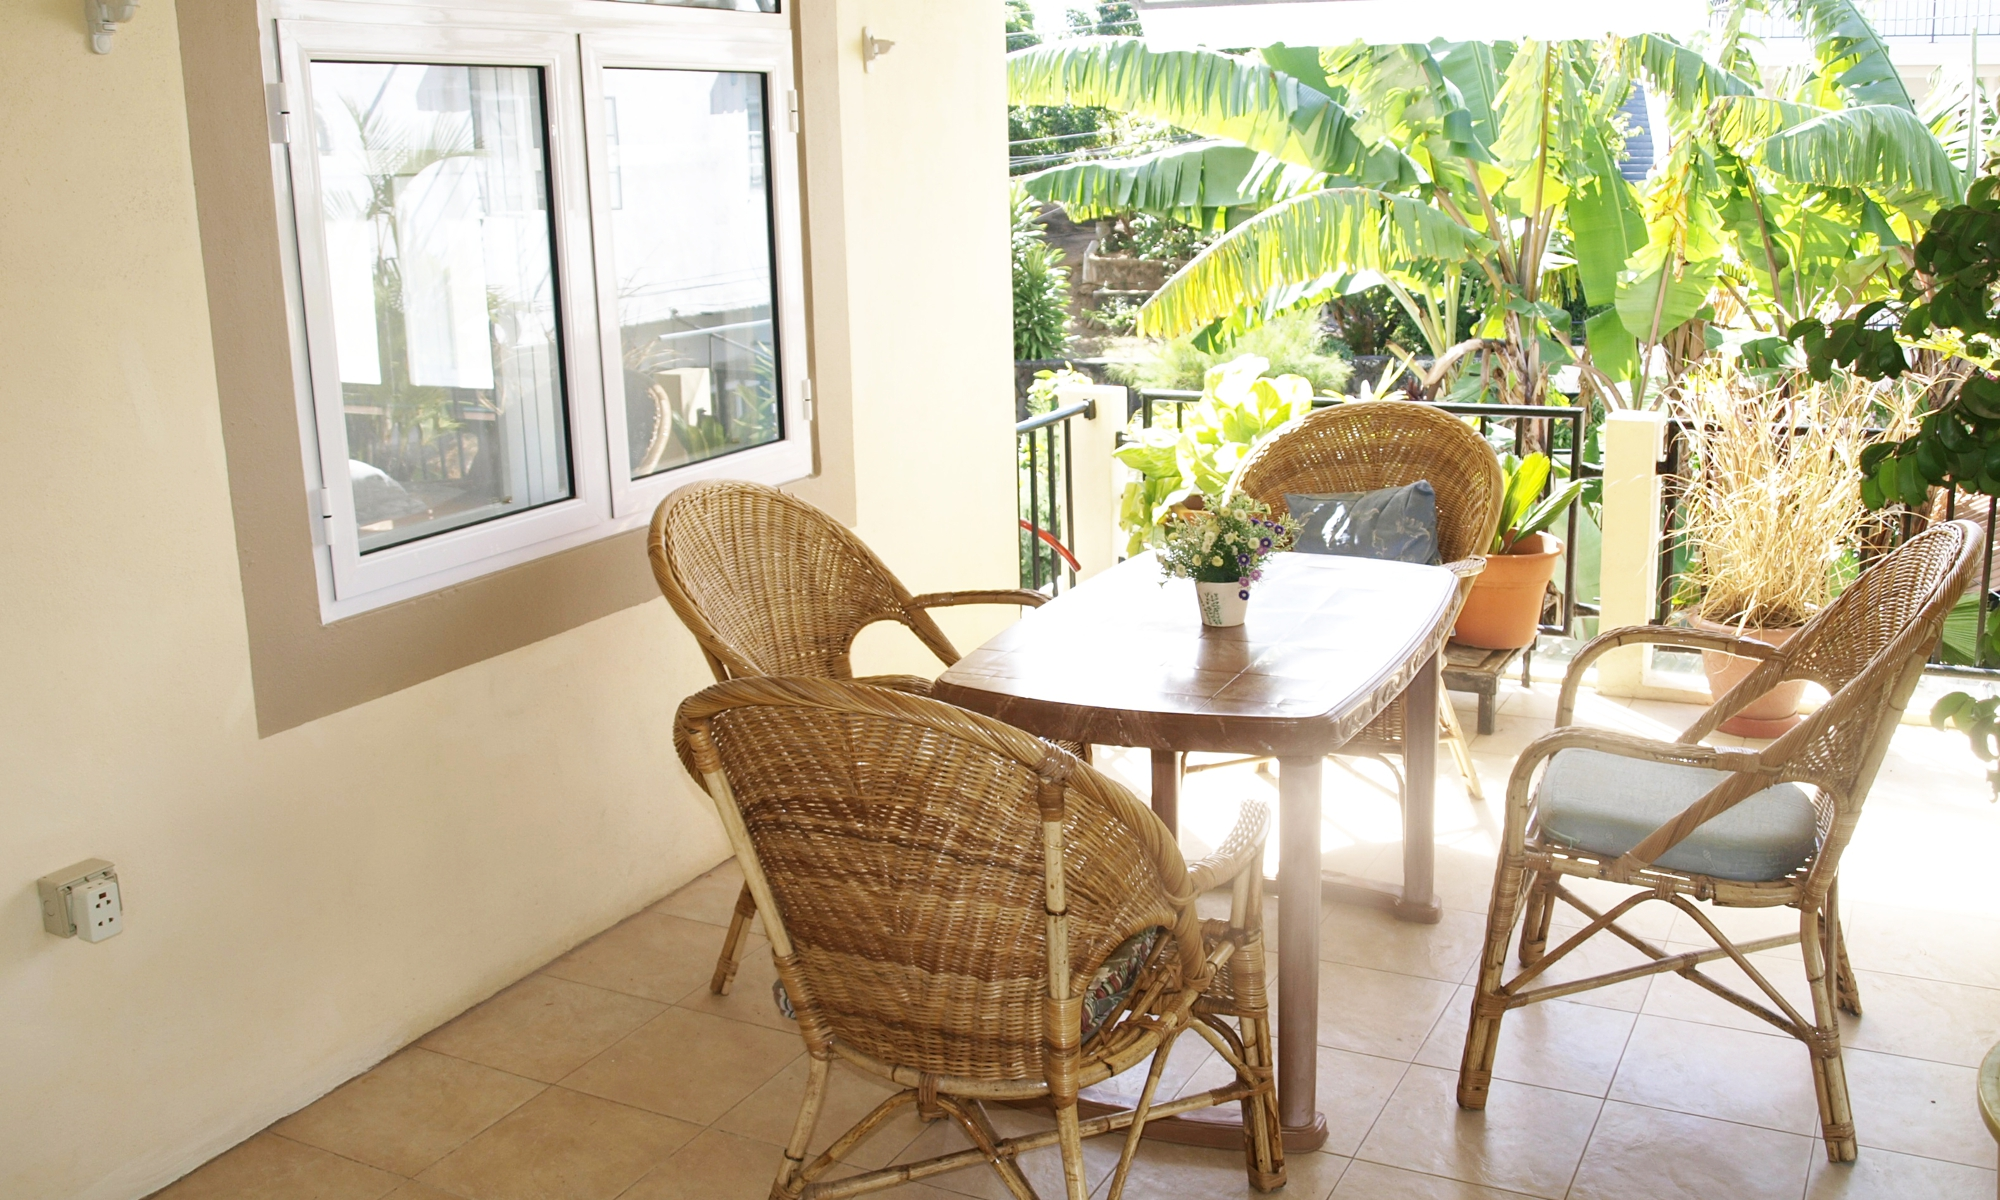 Guesthouse Gästehaus Heliconia Mauritius - Terrasse im ersten Stock